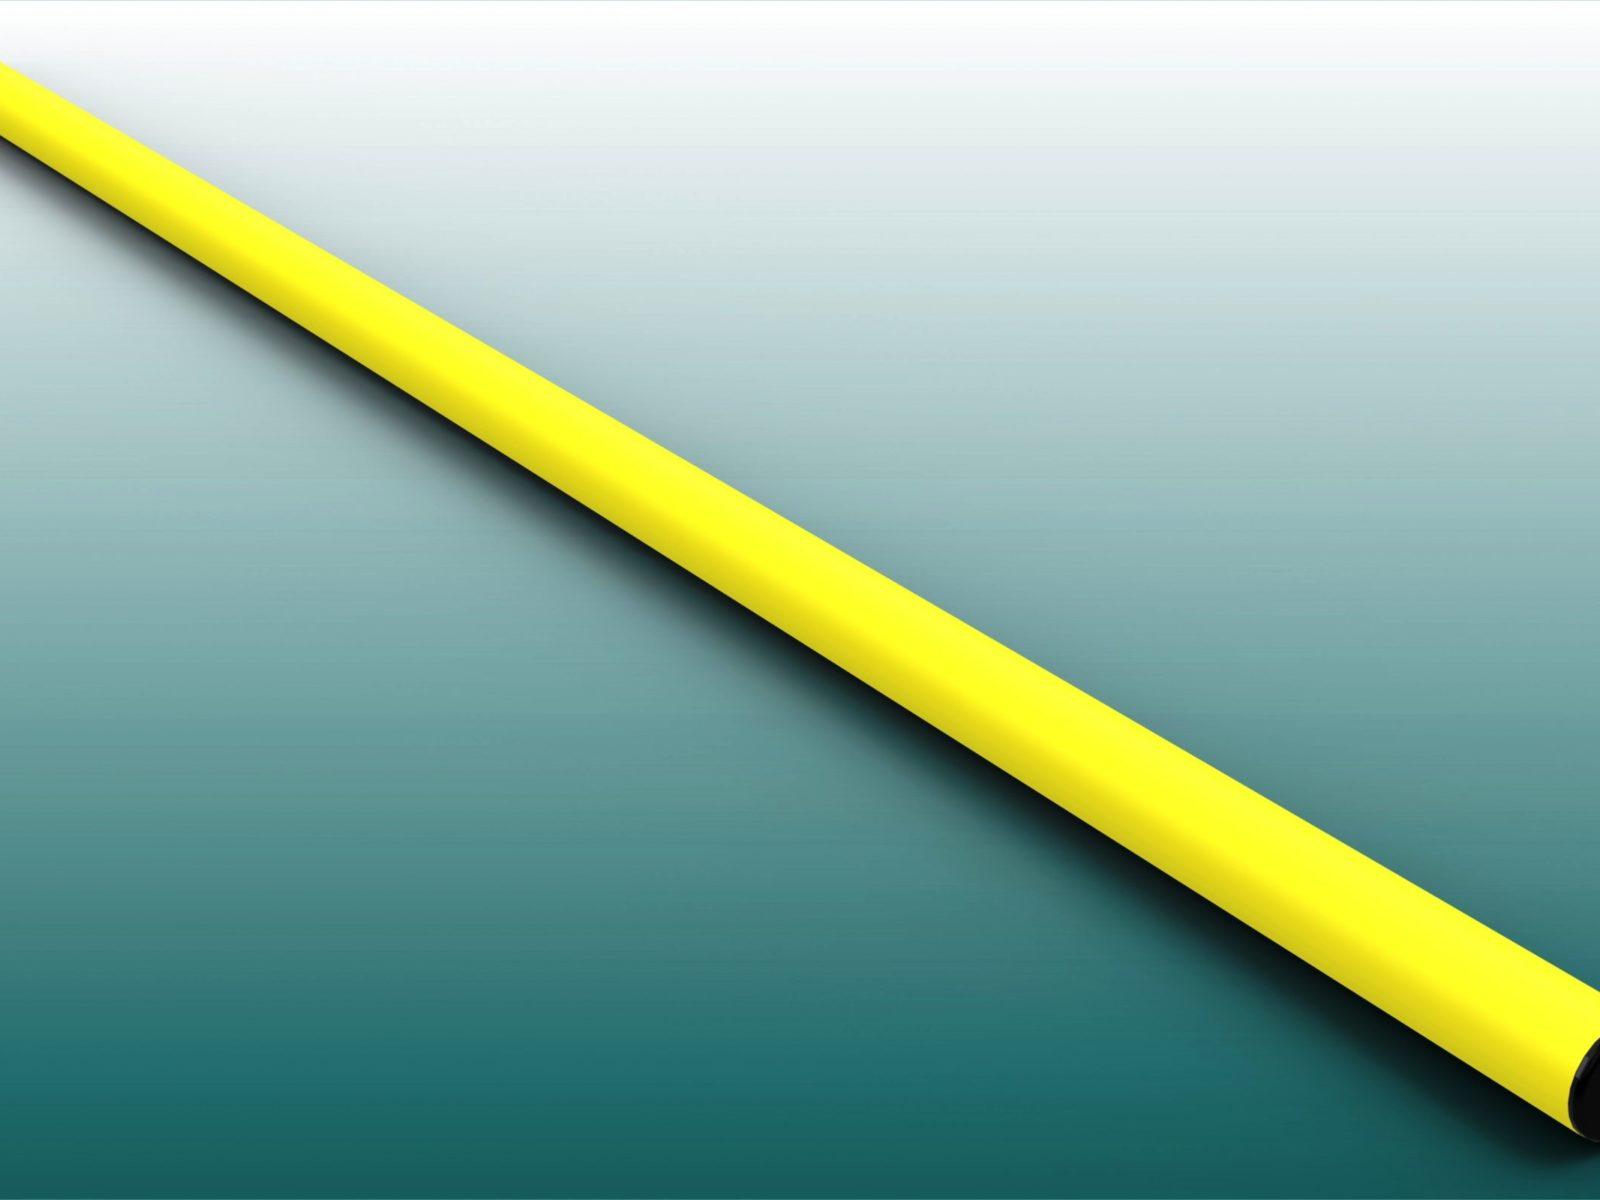 Eckfahnenstange in gelb von artec Sportgeräte